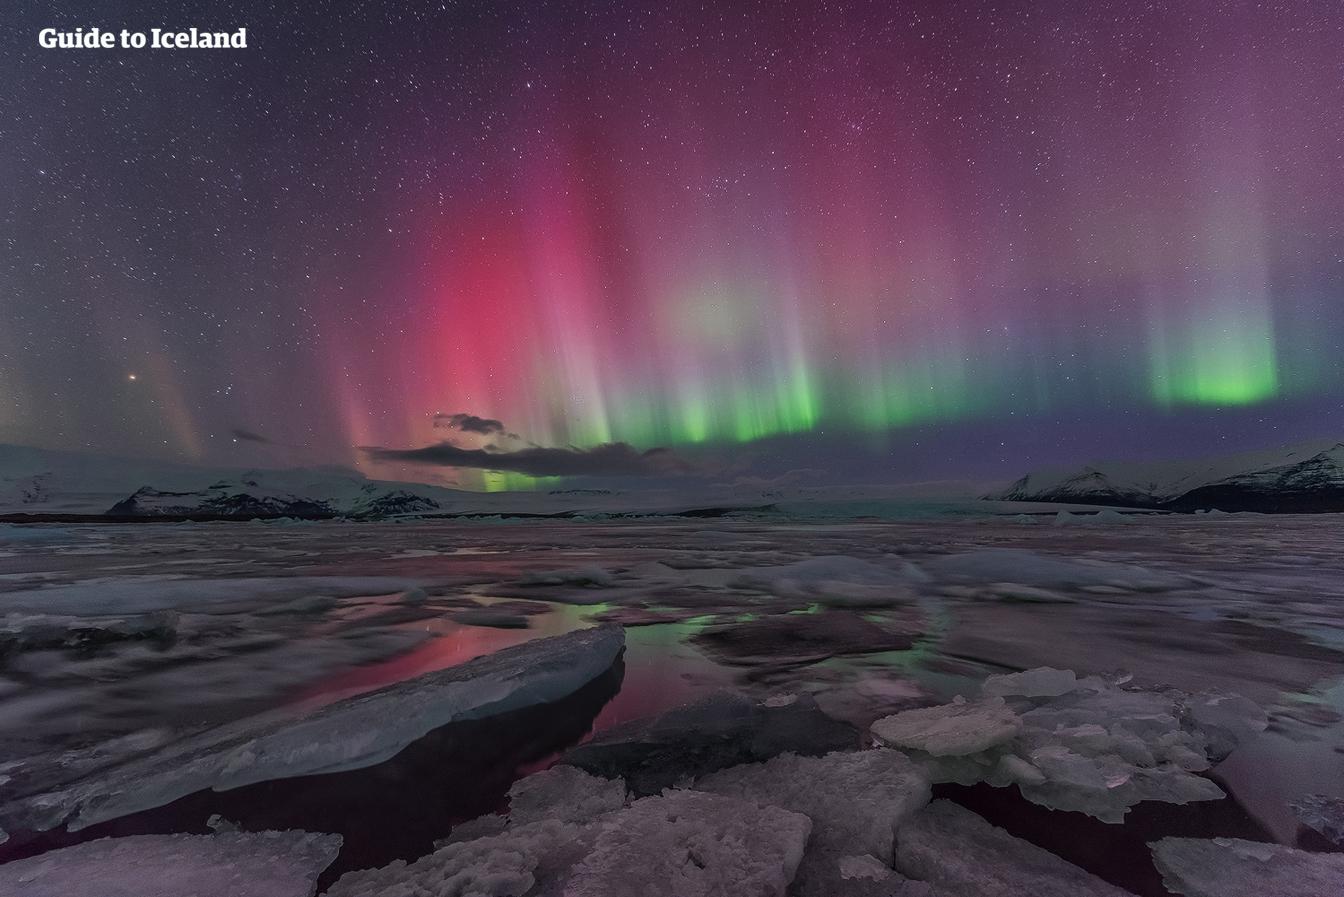 Jökulsárlón is in vijftien jaar twee keer zo groot geworden, maar valt nog steeds in het niet bij de enorme uitgestrektheid van het noorderlicht erboven.